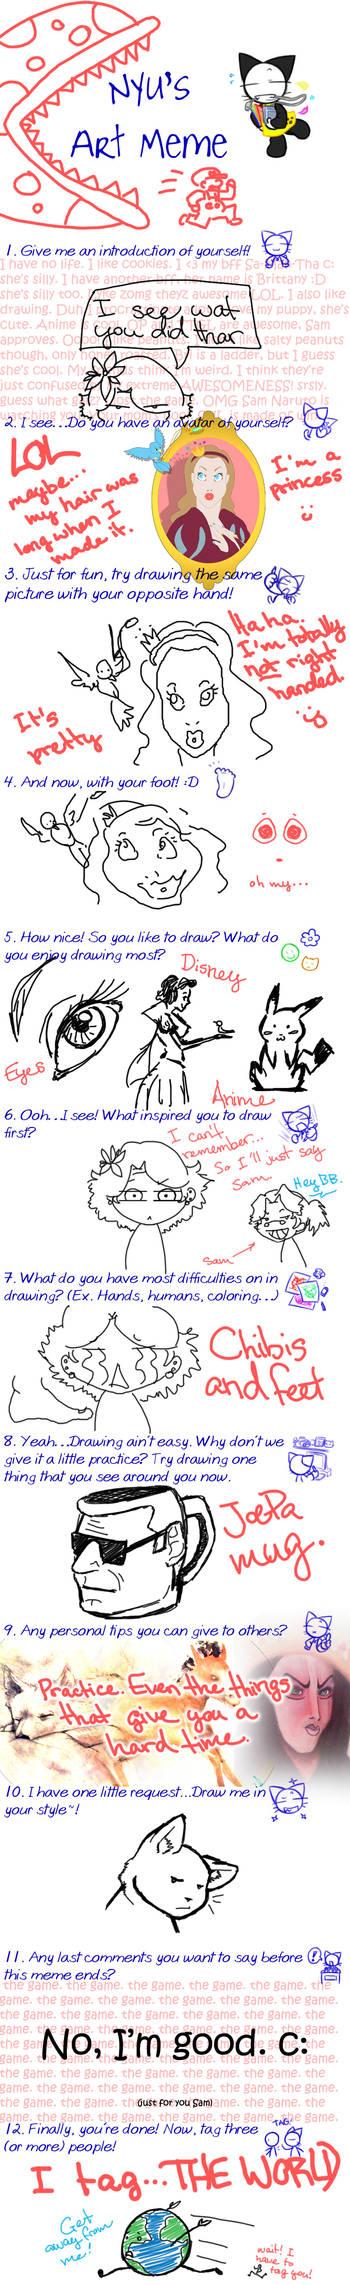 Nyu's Art Meme - Thanks Sam